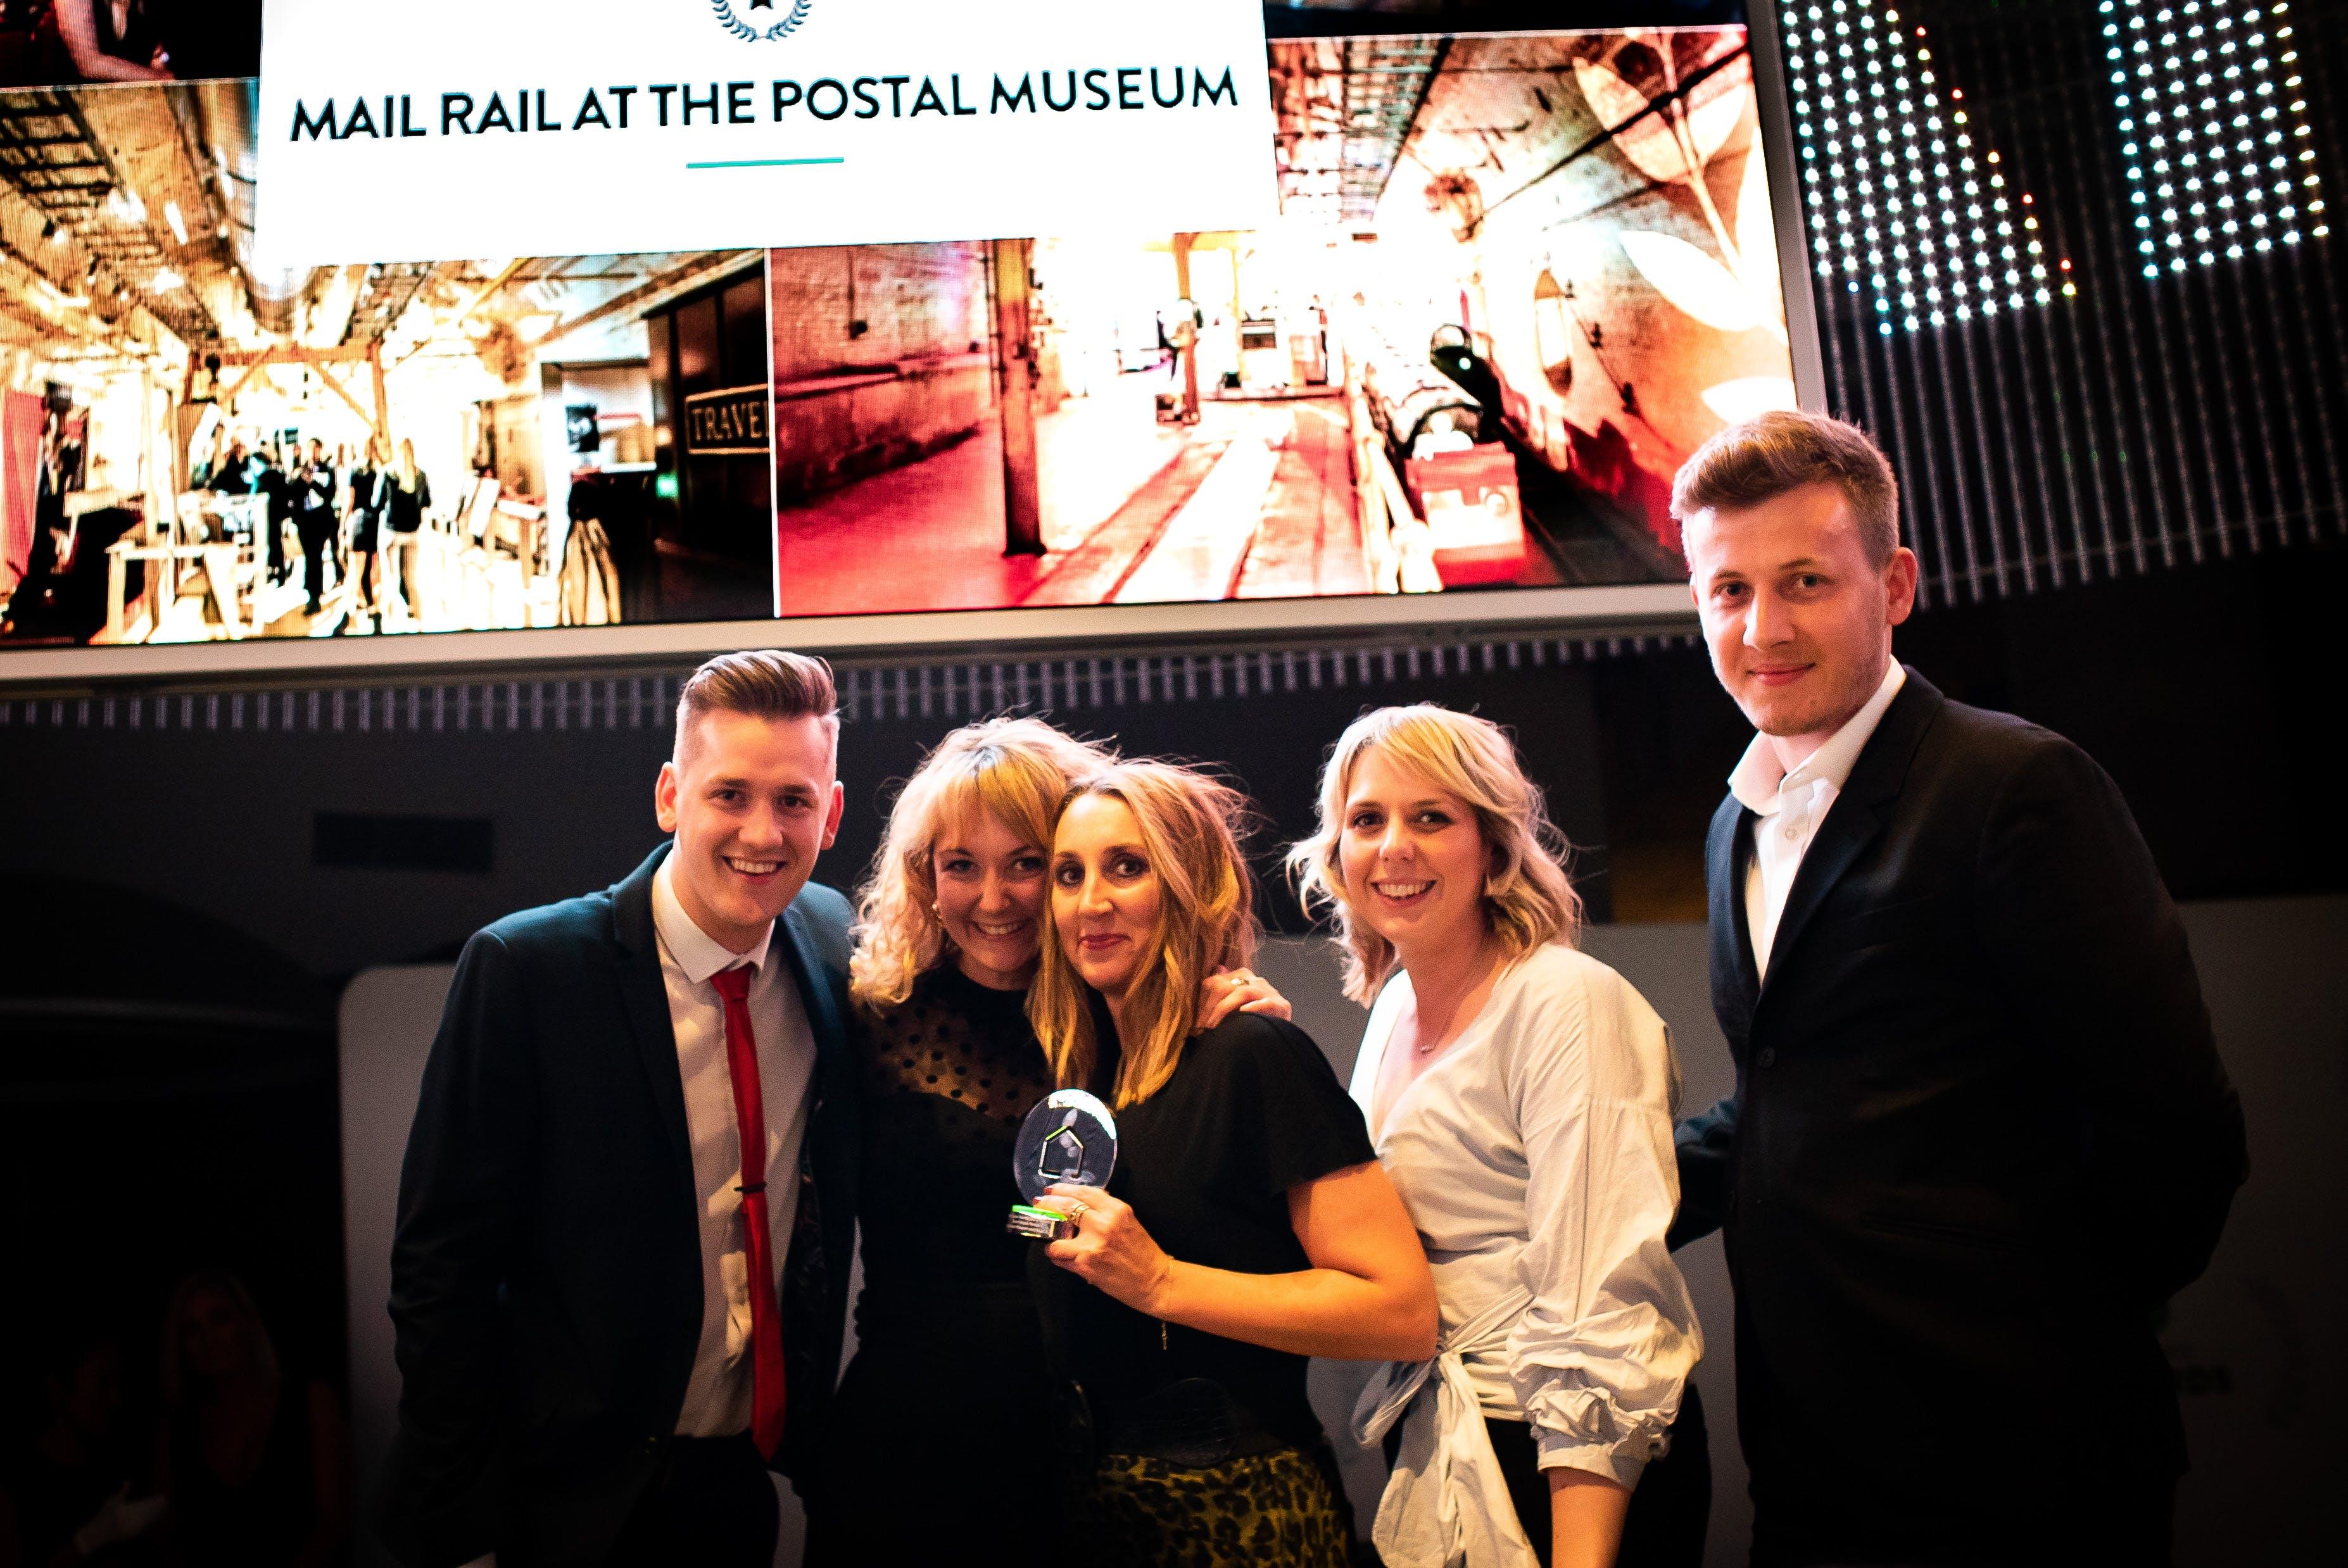 Mail Rail at Postal Museum